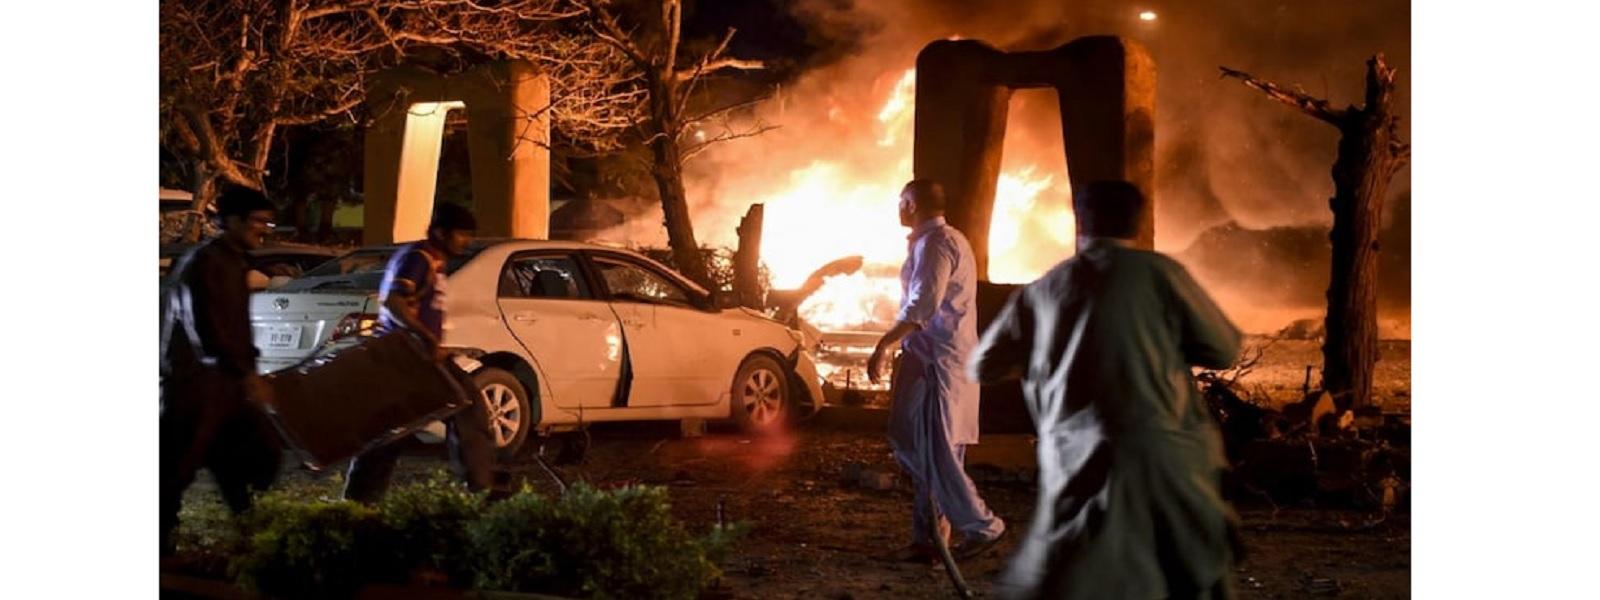 பாகிஸ்தானில் சீன தூதர் தங்கியிருந்த ஹோட்டல் அருகில் வெடிகுண்டு தாக்குதல்: 5 பேர் பலி